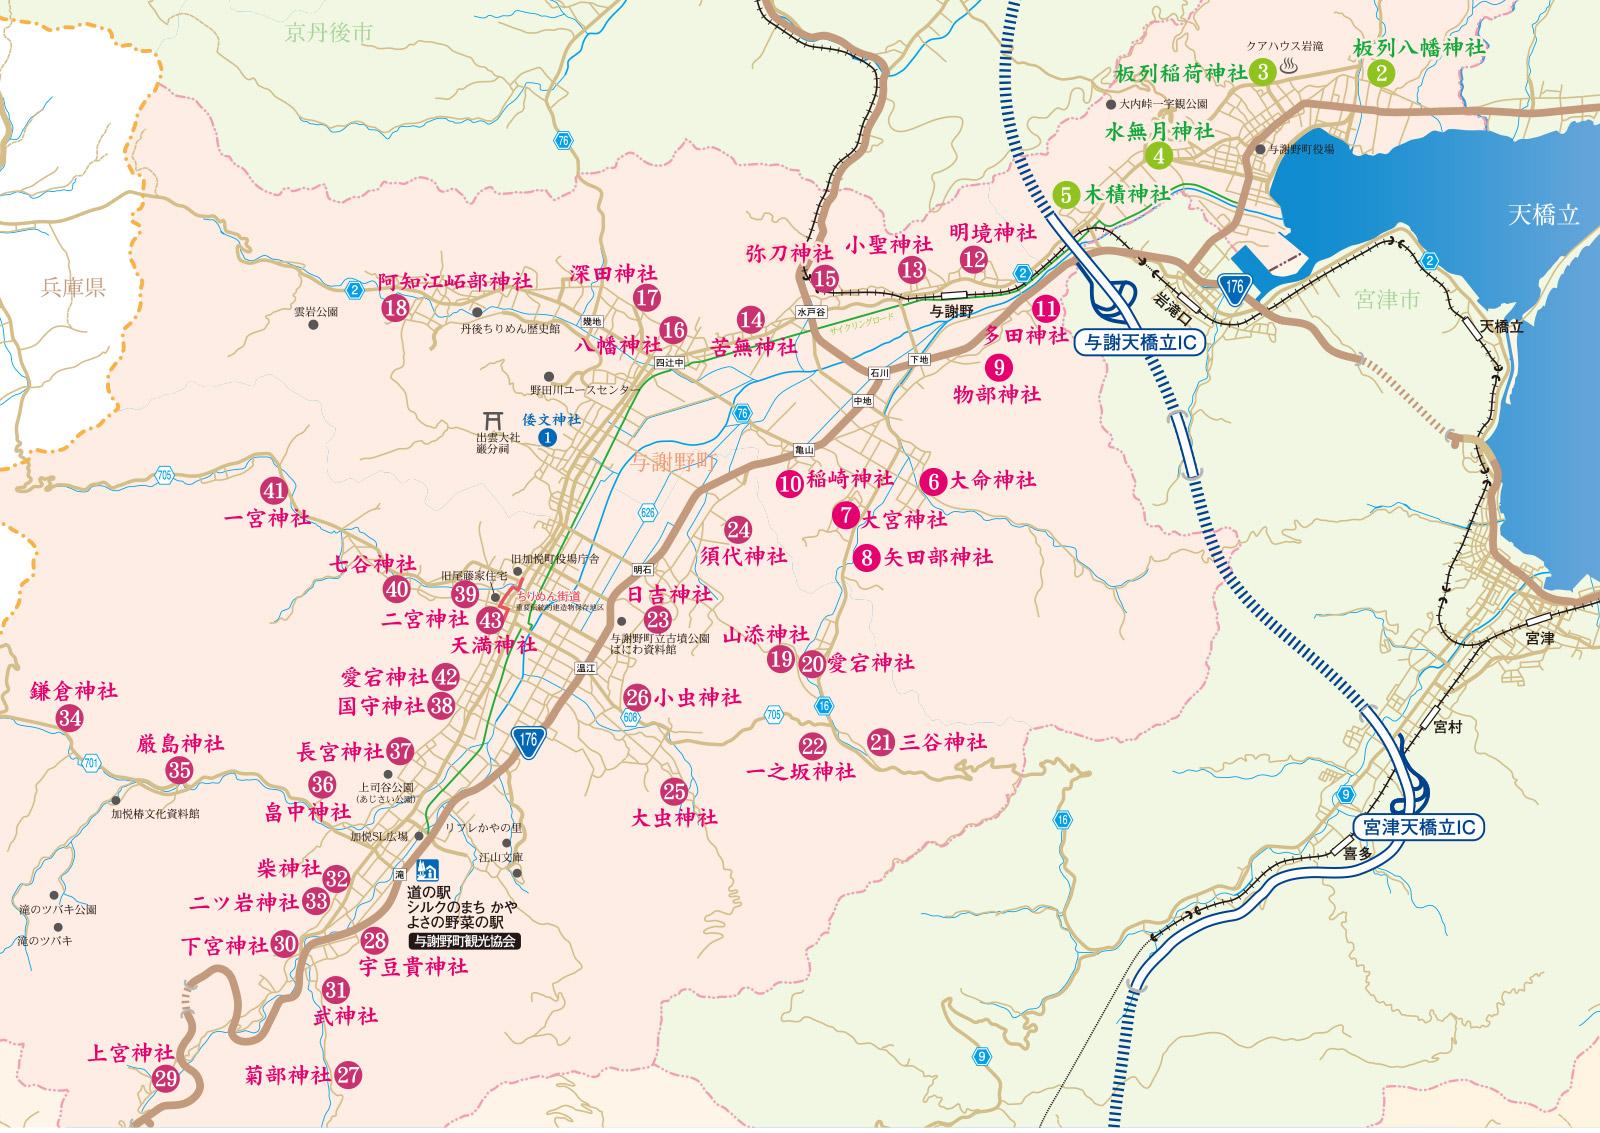 与謝野町 春の例祭 神社マップ